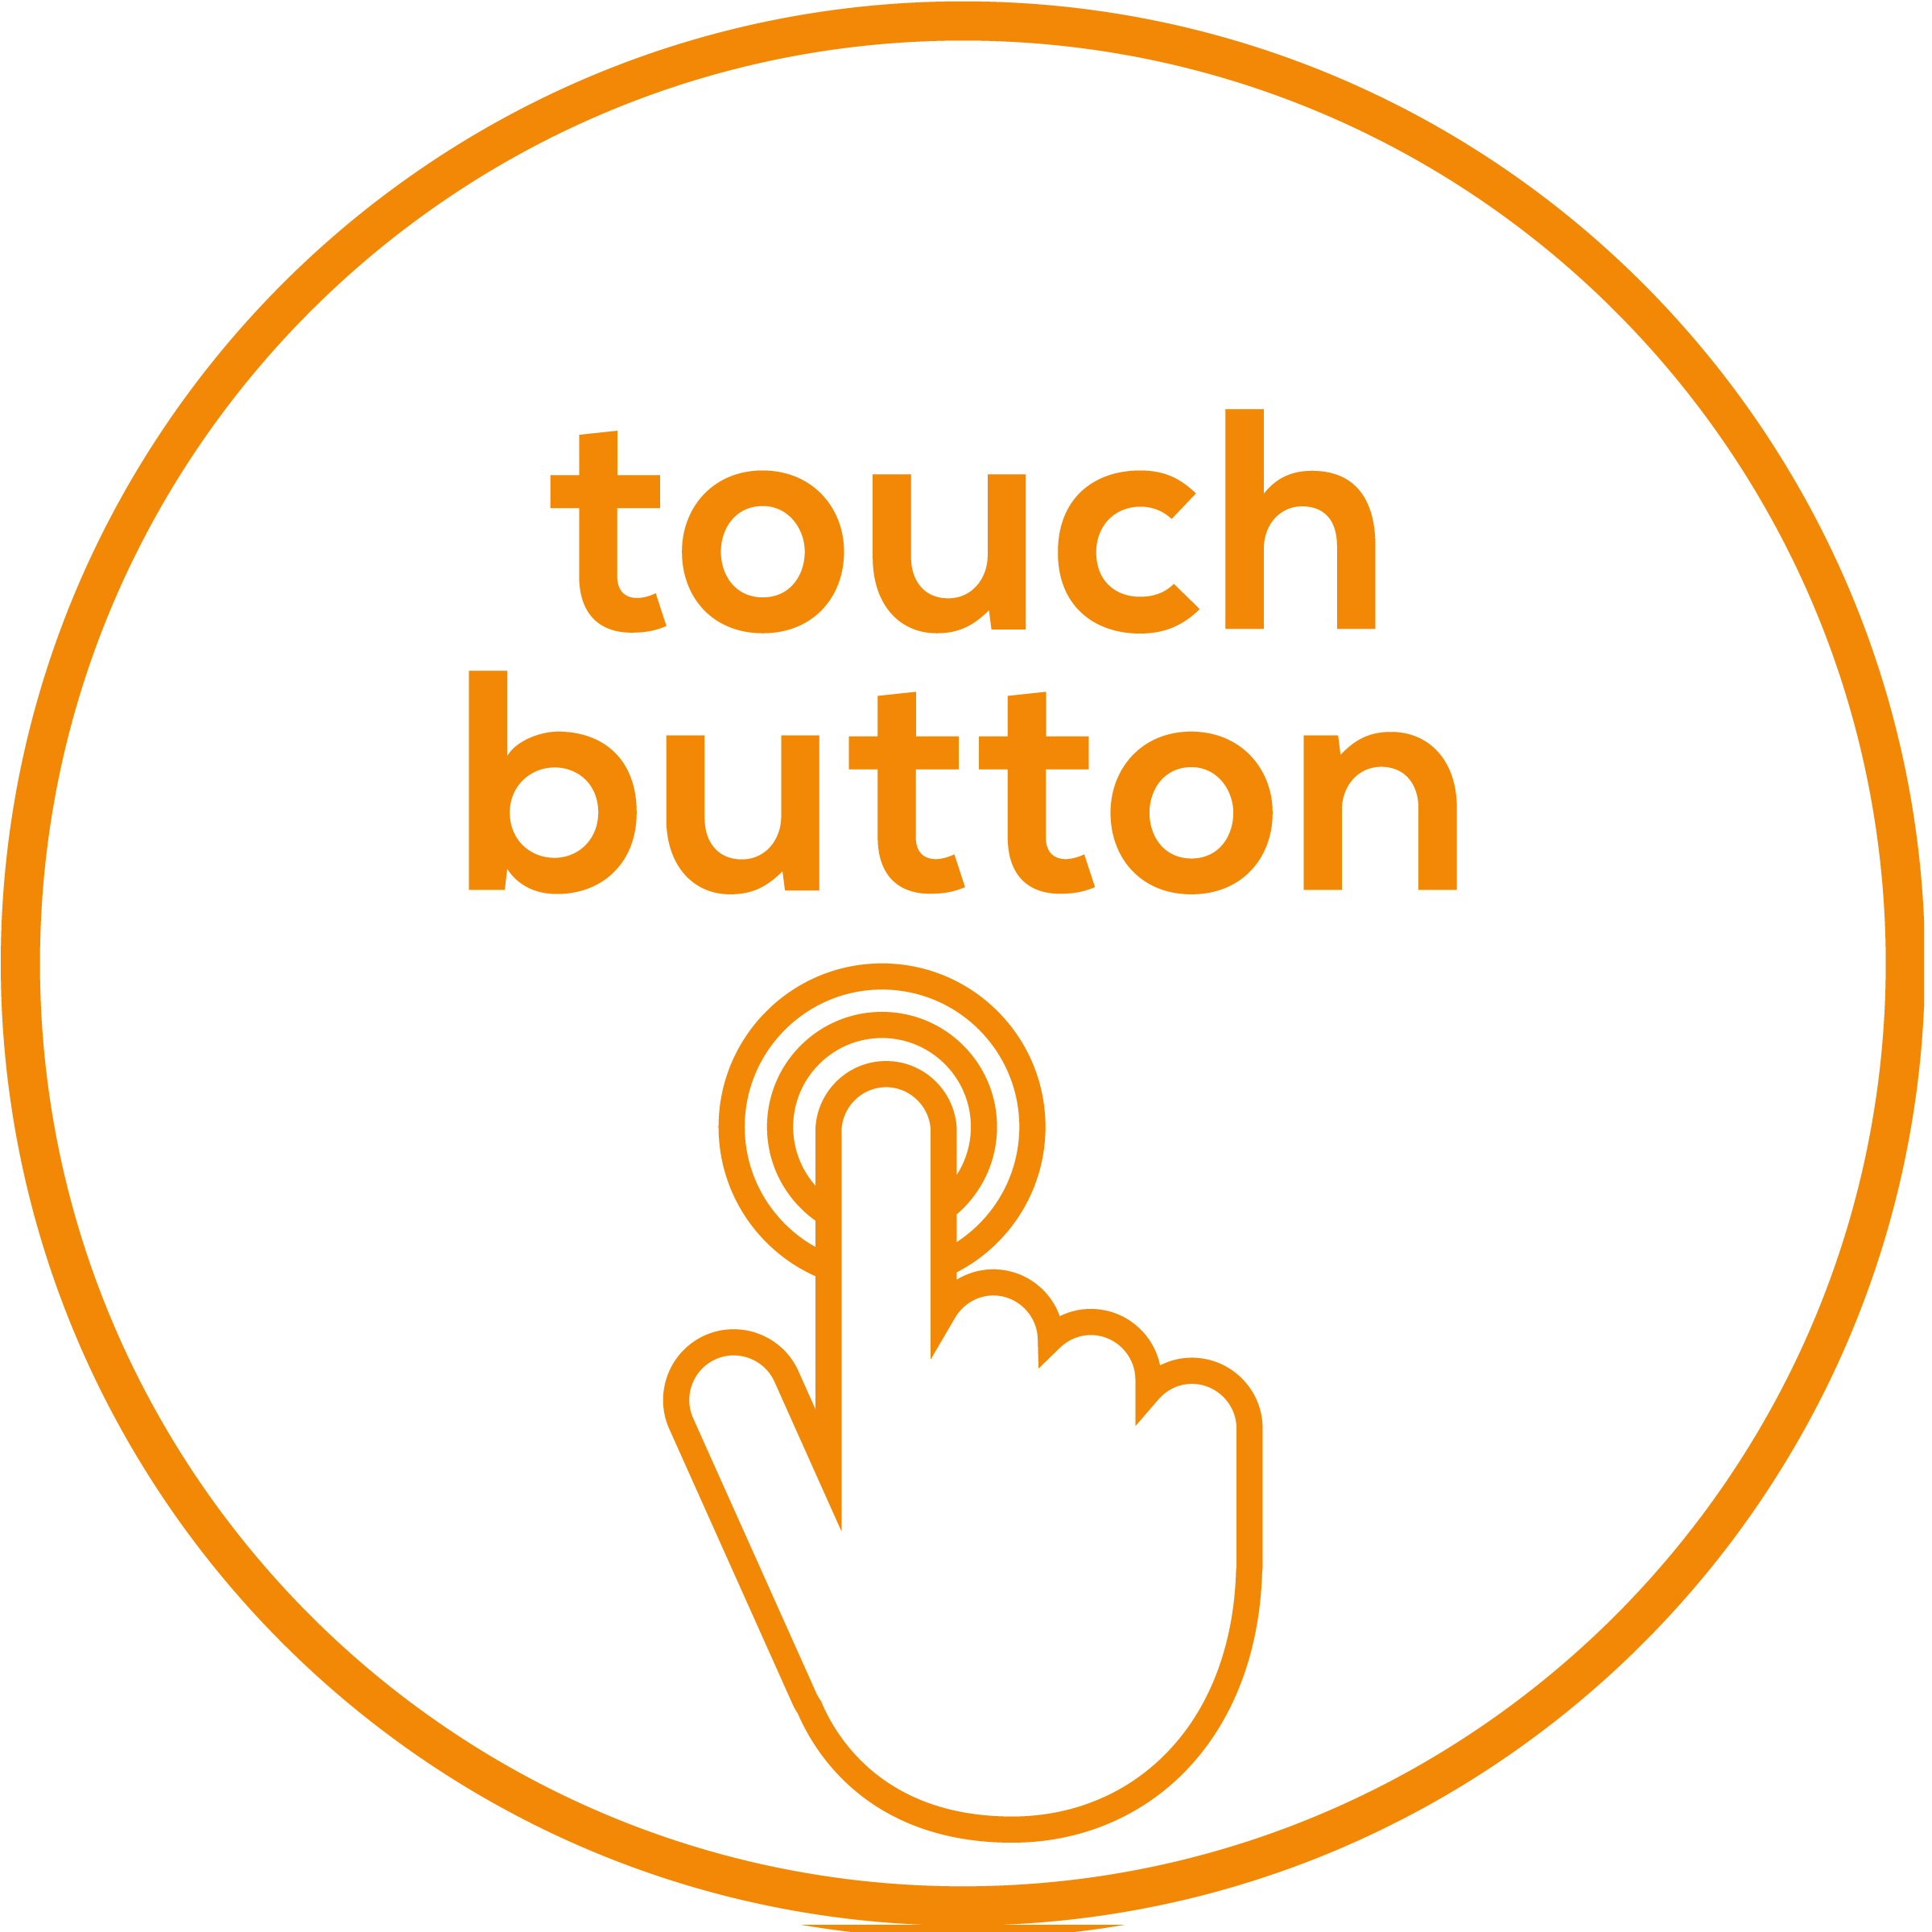 Berührungssensor Komfortable Bedienung per Touch Button